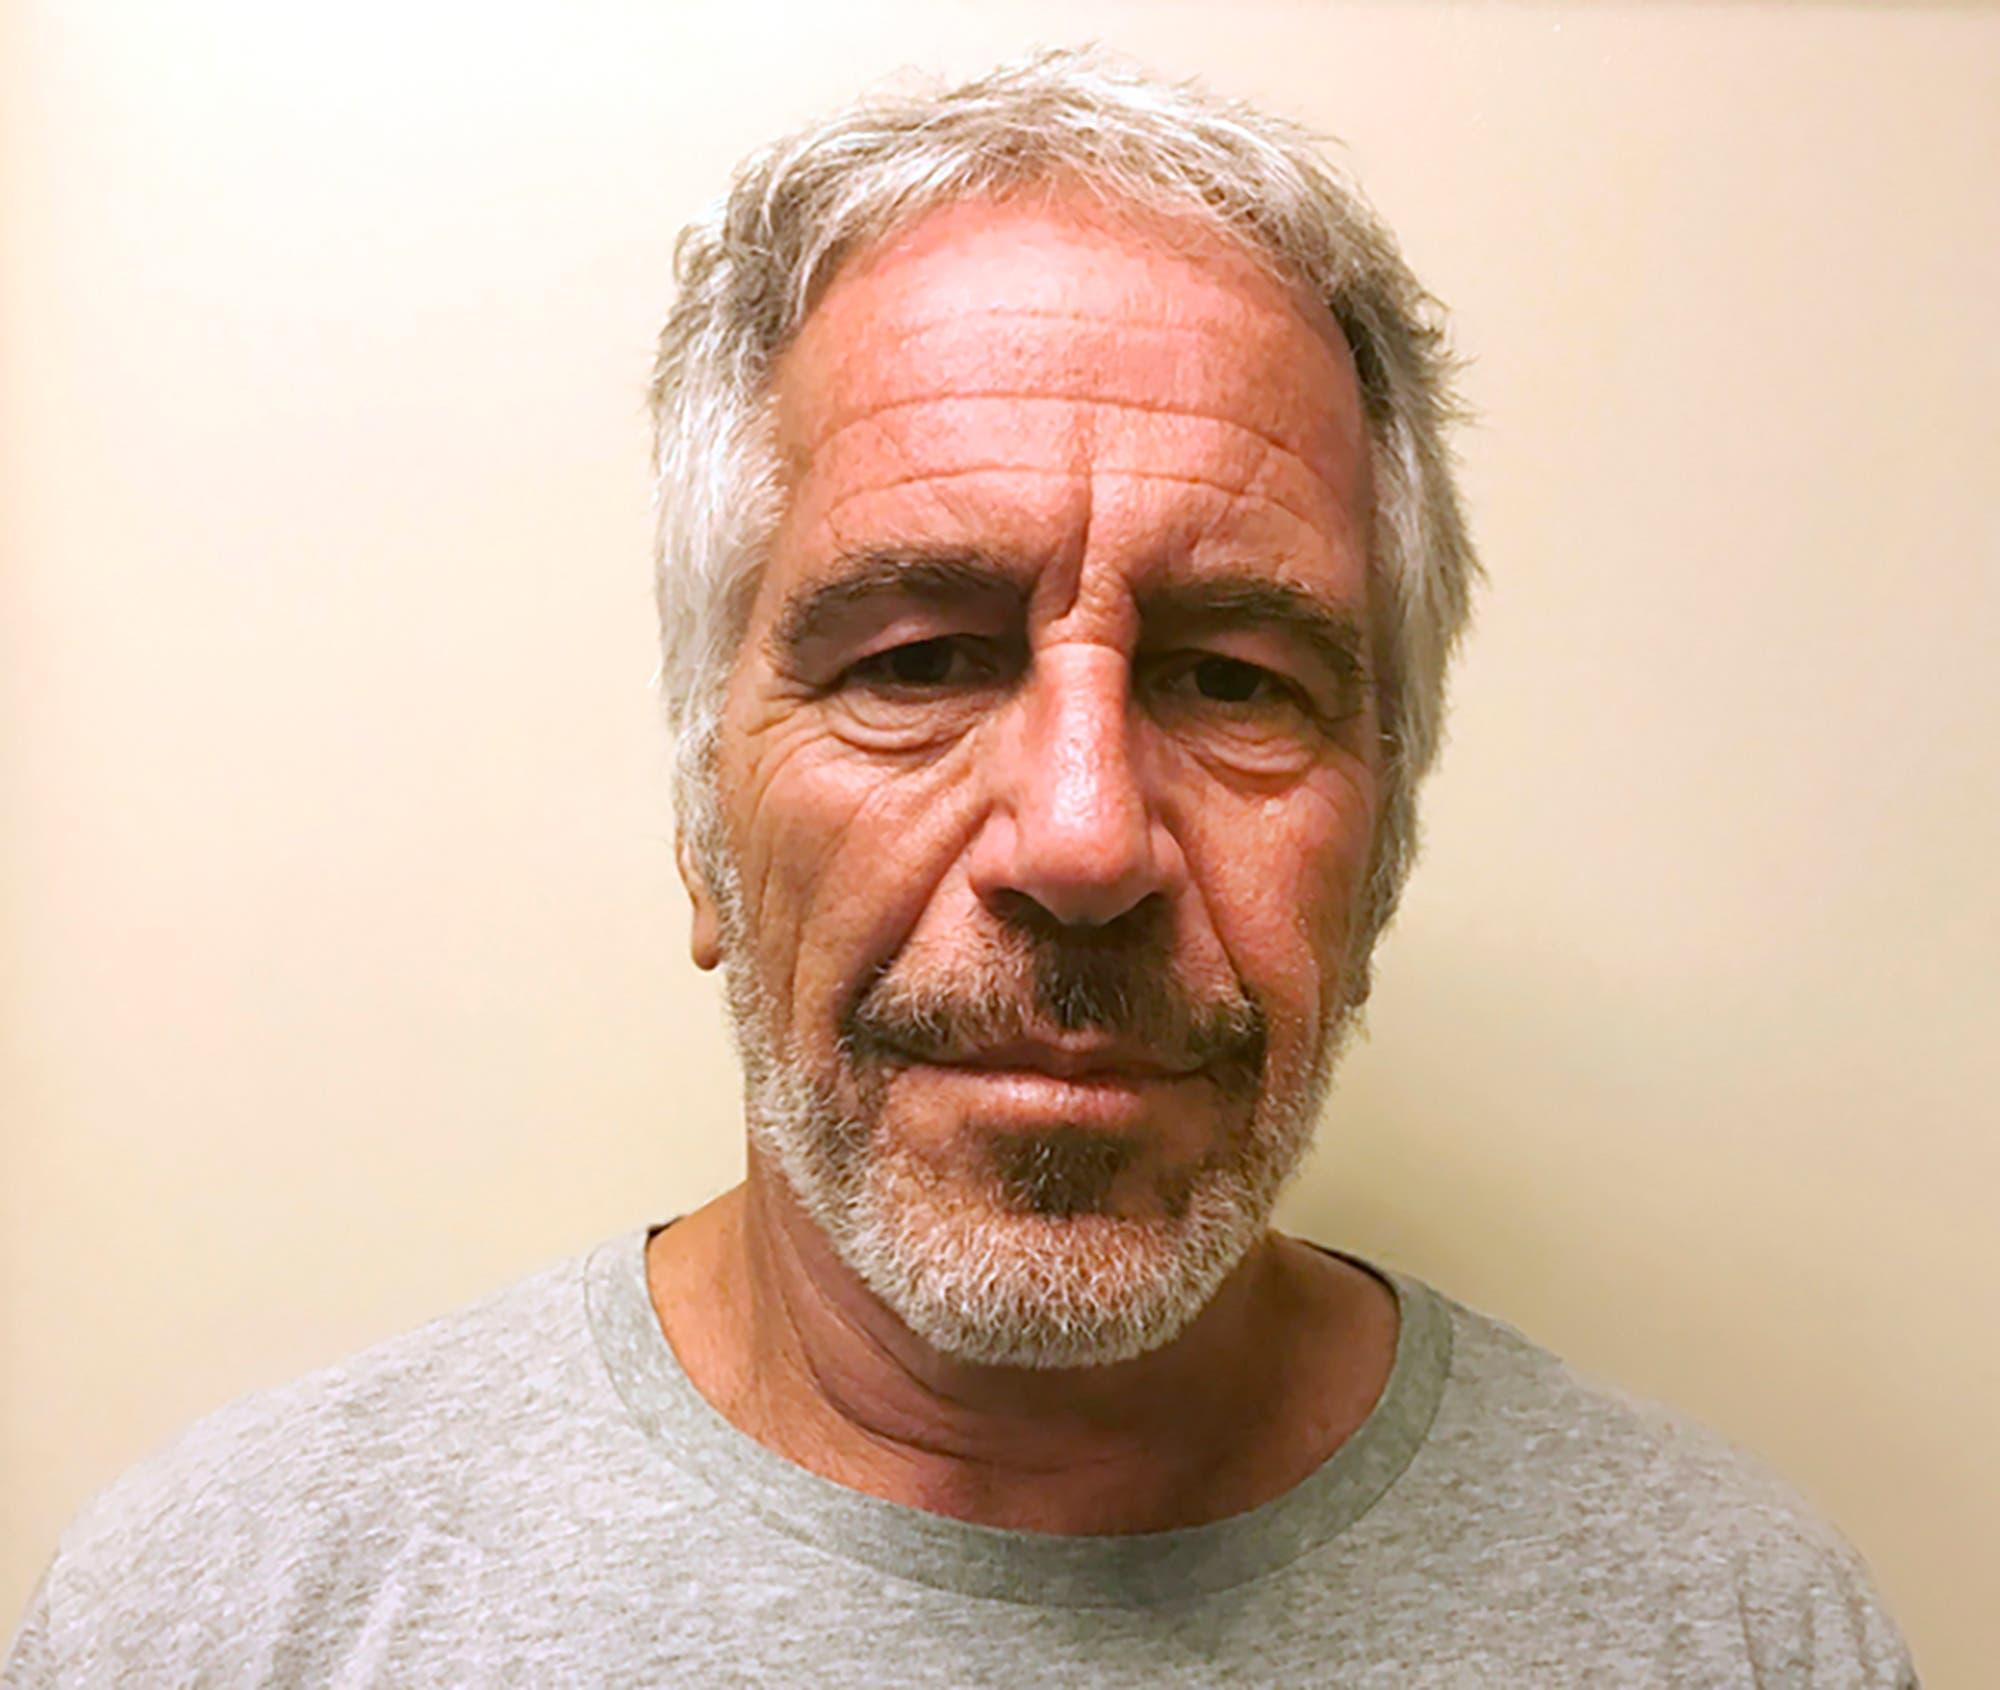 Jeffrey Epstein, el financista estadounidense acusado de abuso sexual de menores, fue encontrado muerto este sábado.